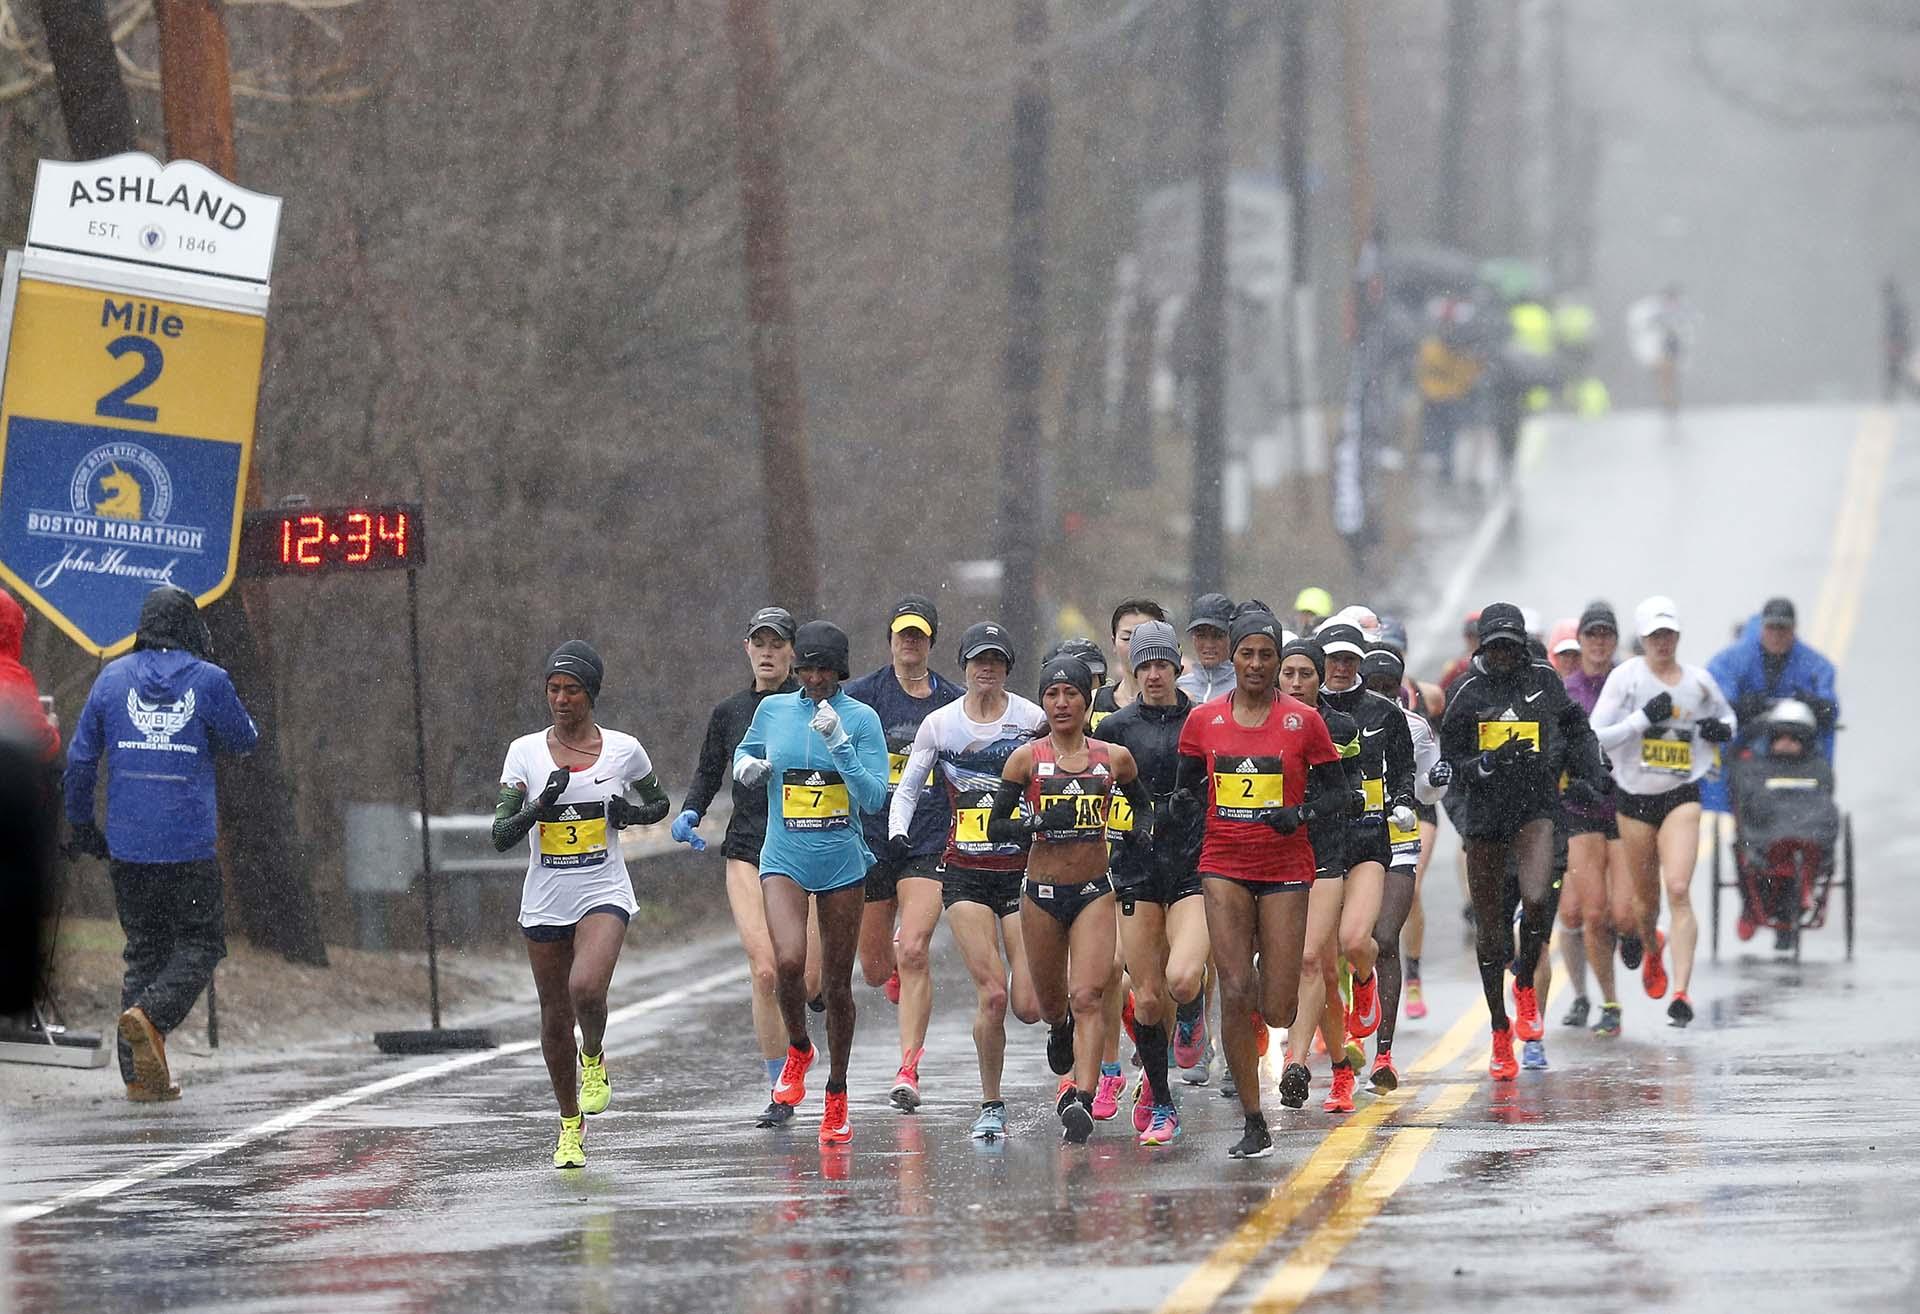 La otra atleta estadounidense que había conquistado esta maratón había sido Lisa Larsen, en 1985